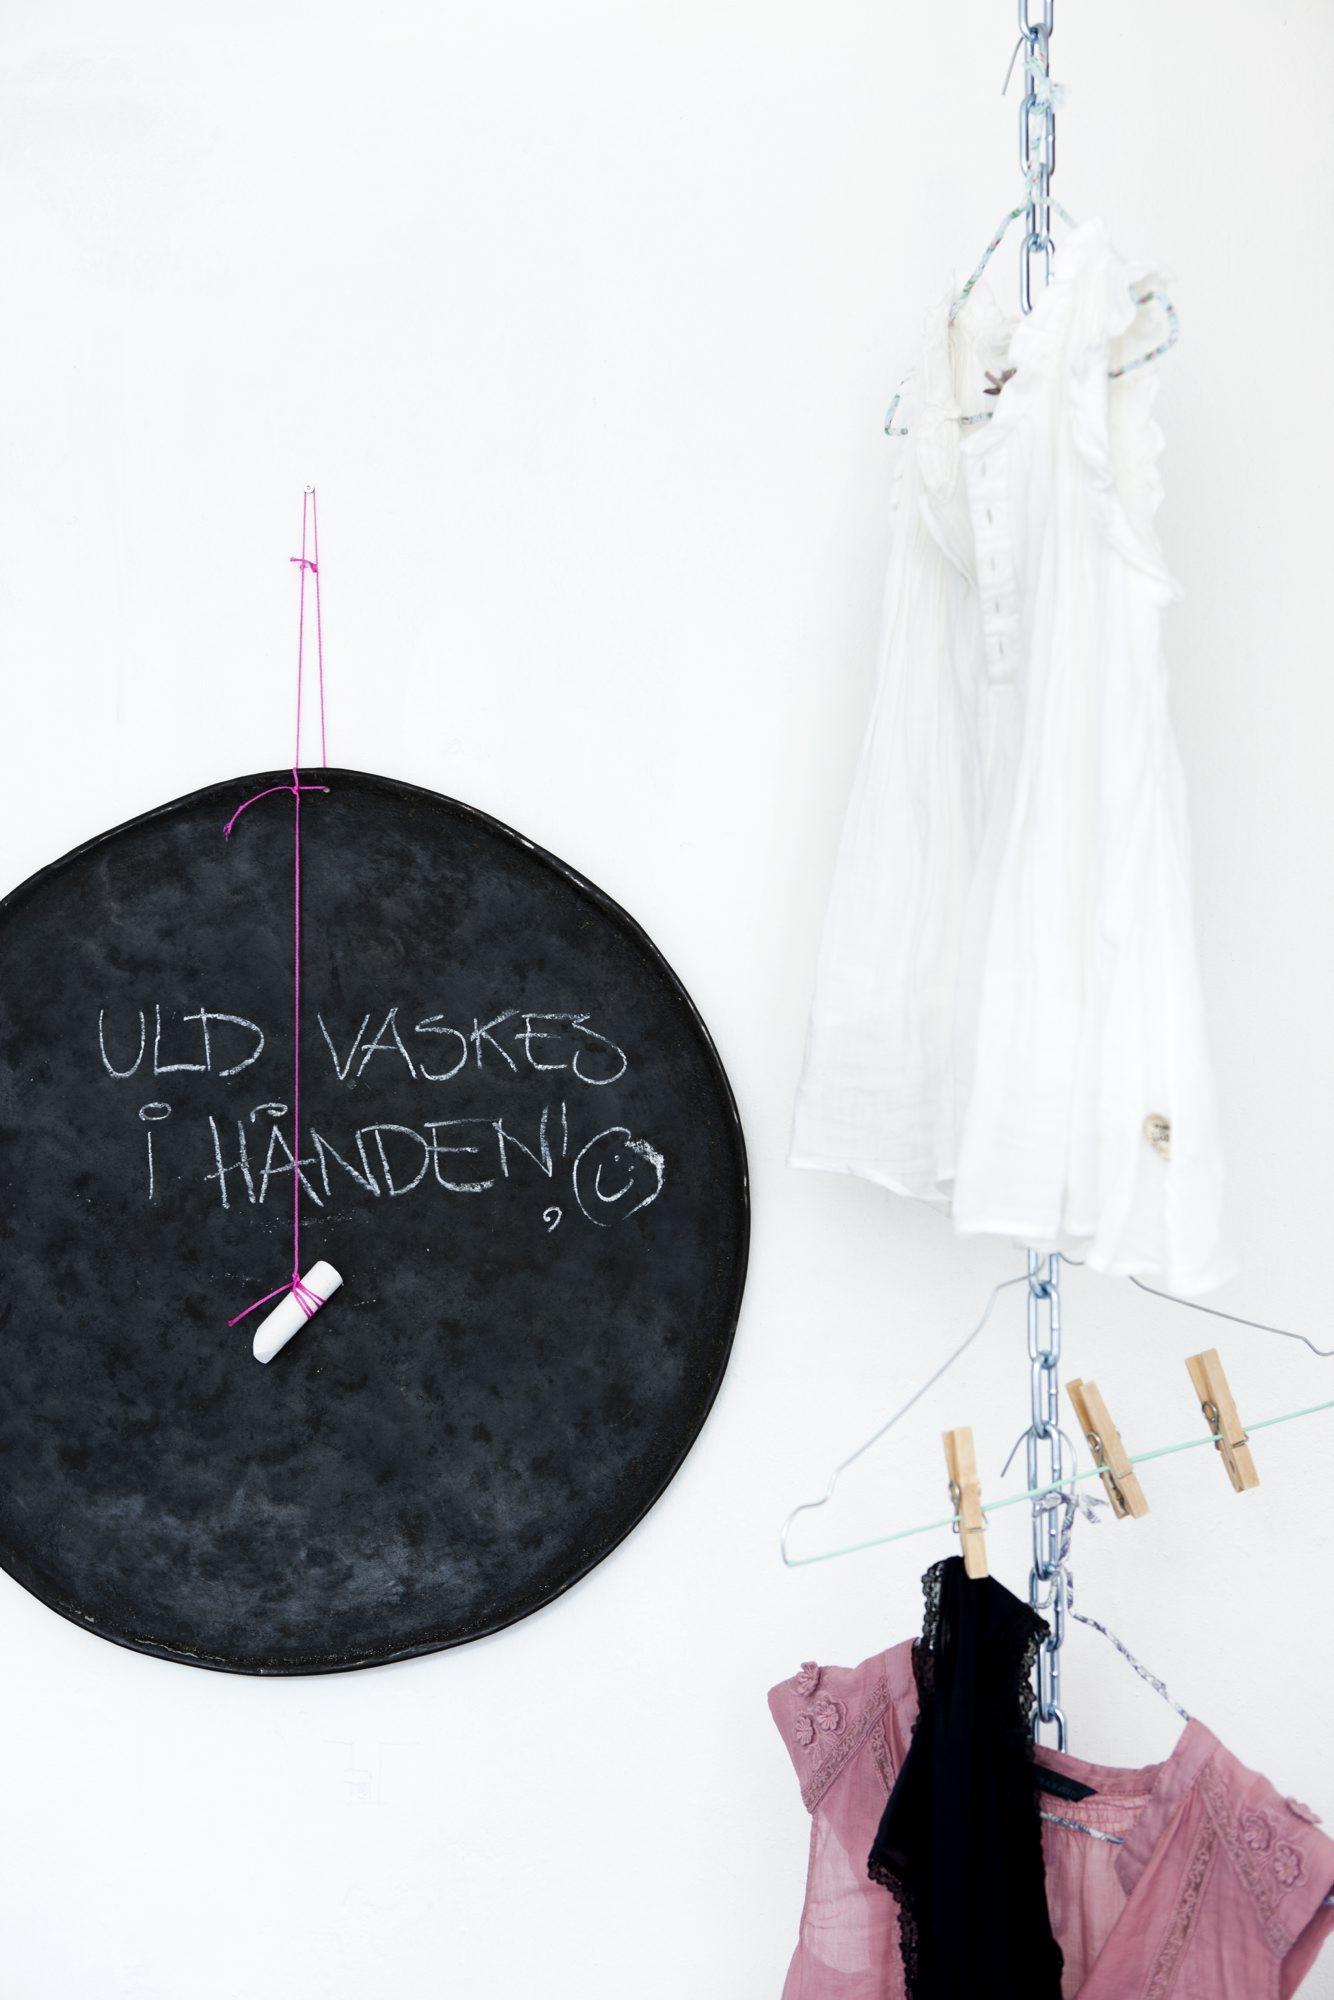 Beskjedtavle på vaskerommet